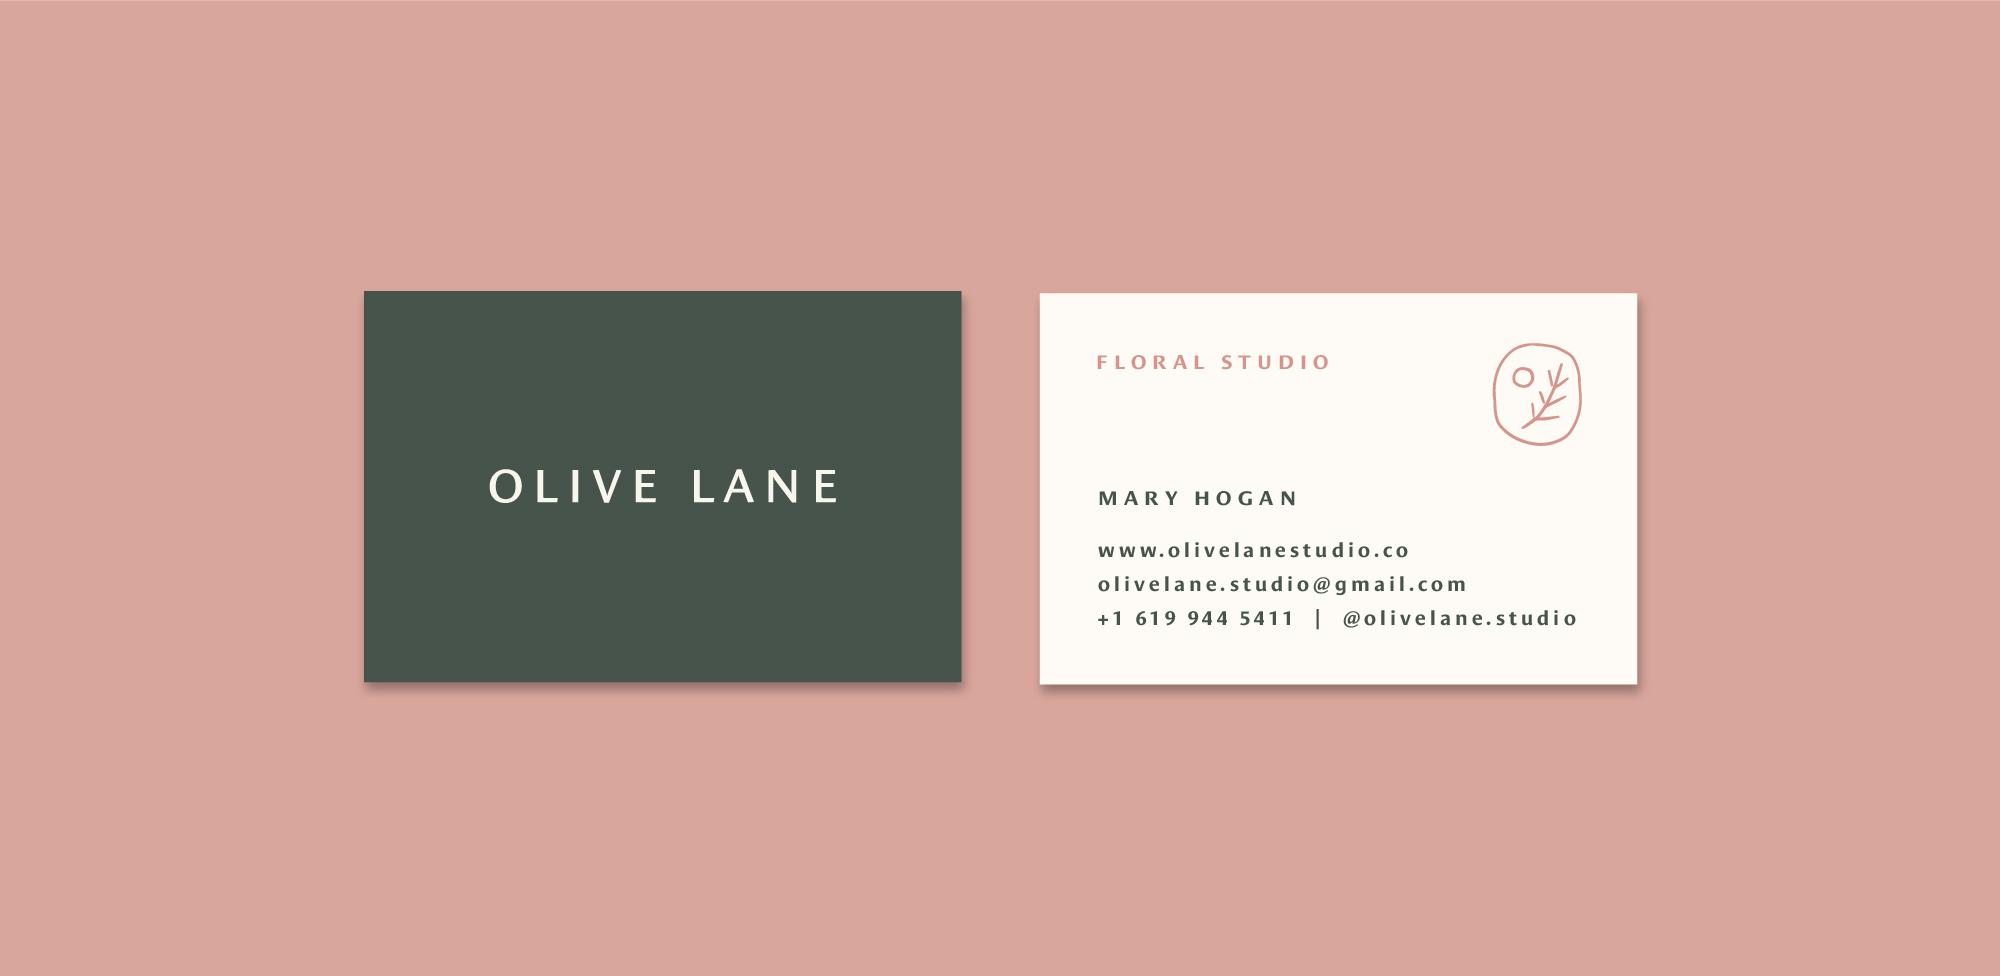 viscayawagner_select_olive-lane_-02.jpg